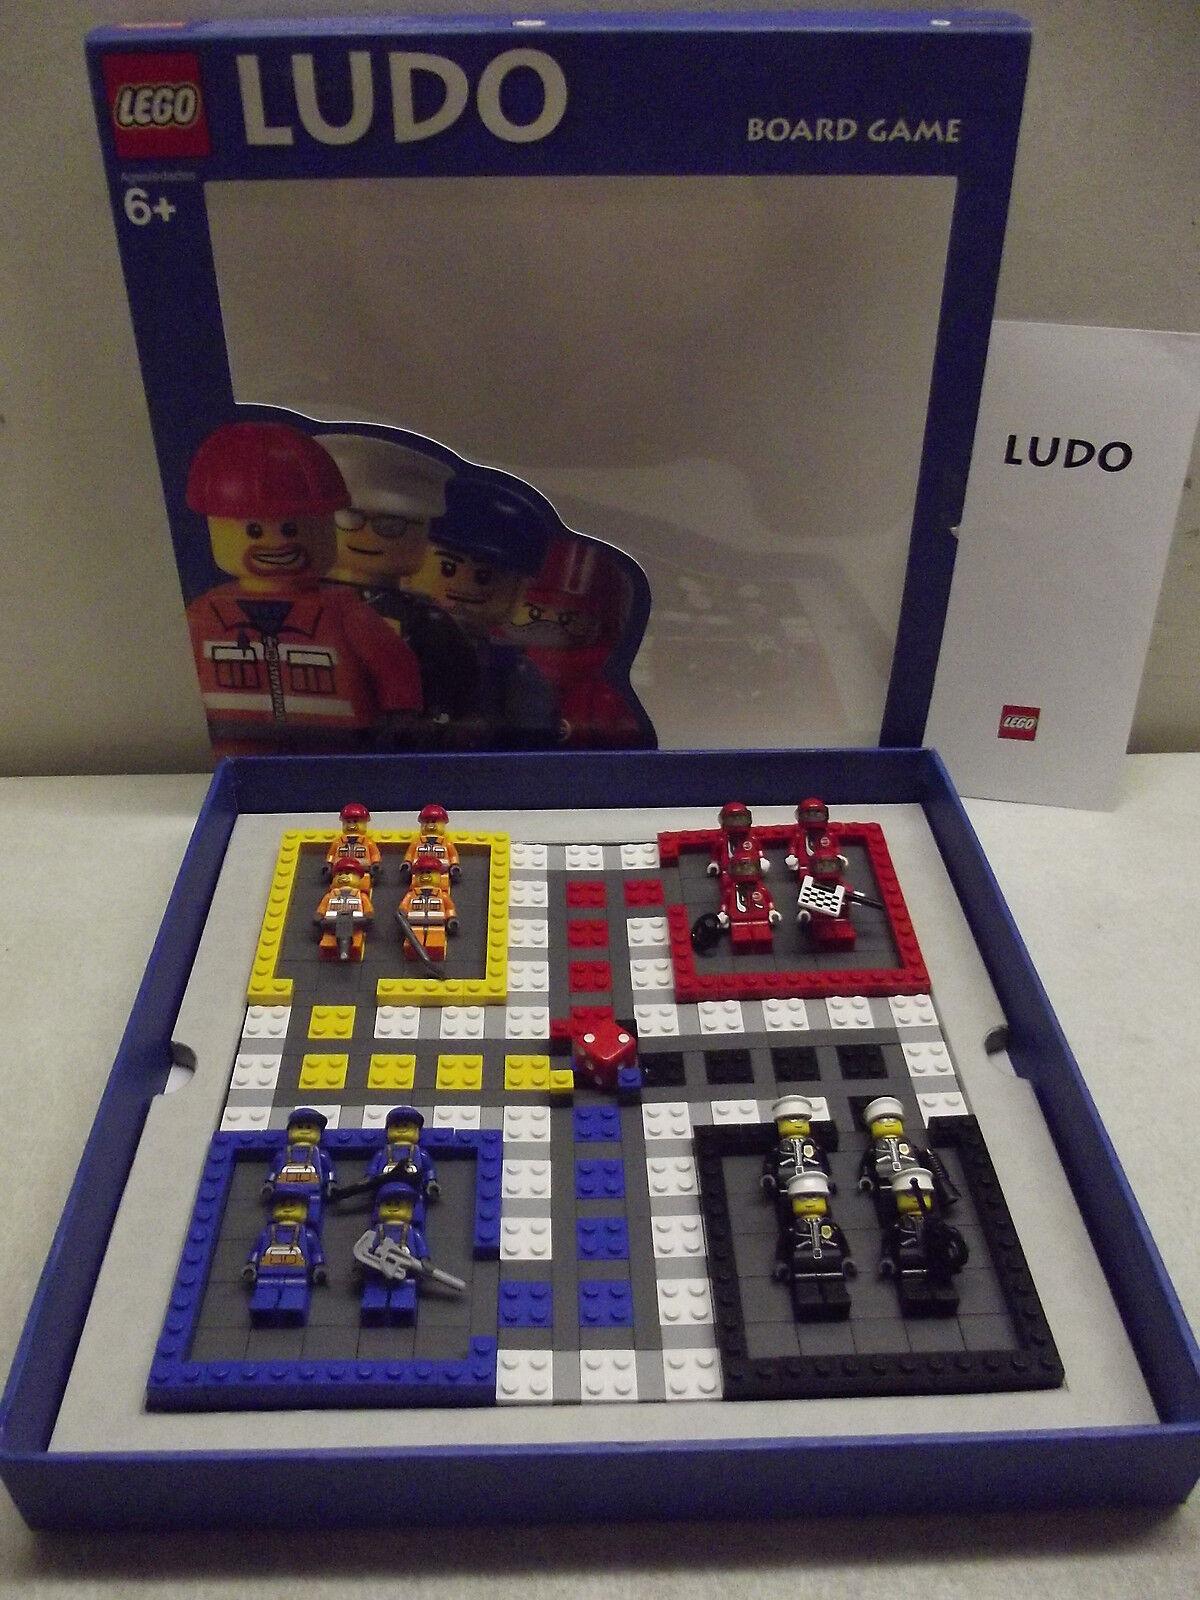 LEGO LUDO BOARD GAME COMPLETE W 16 MINIFIGS MINI FIGS FIGURES